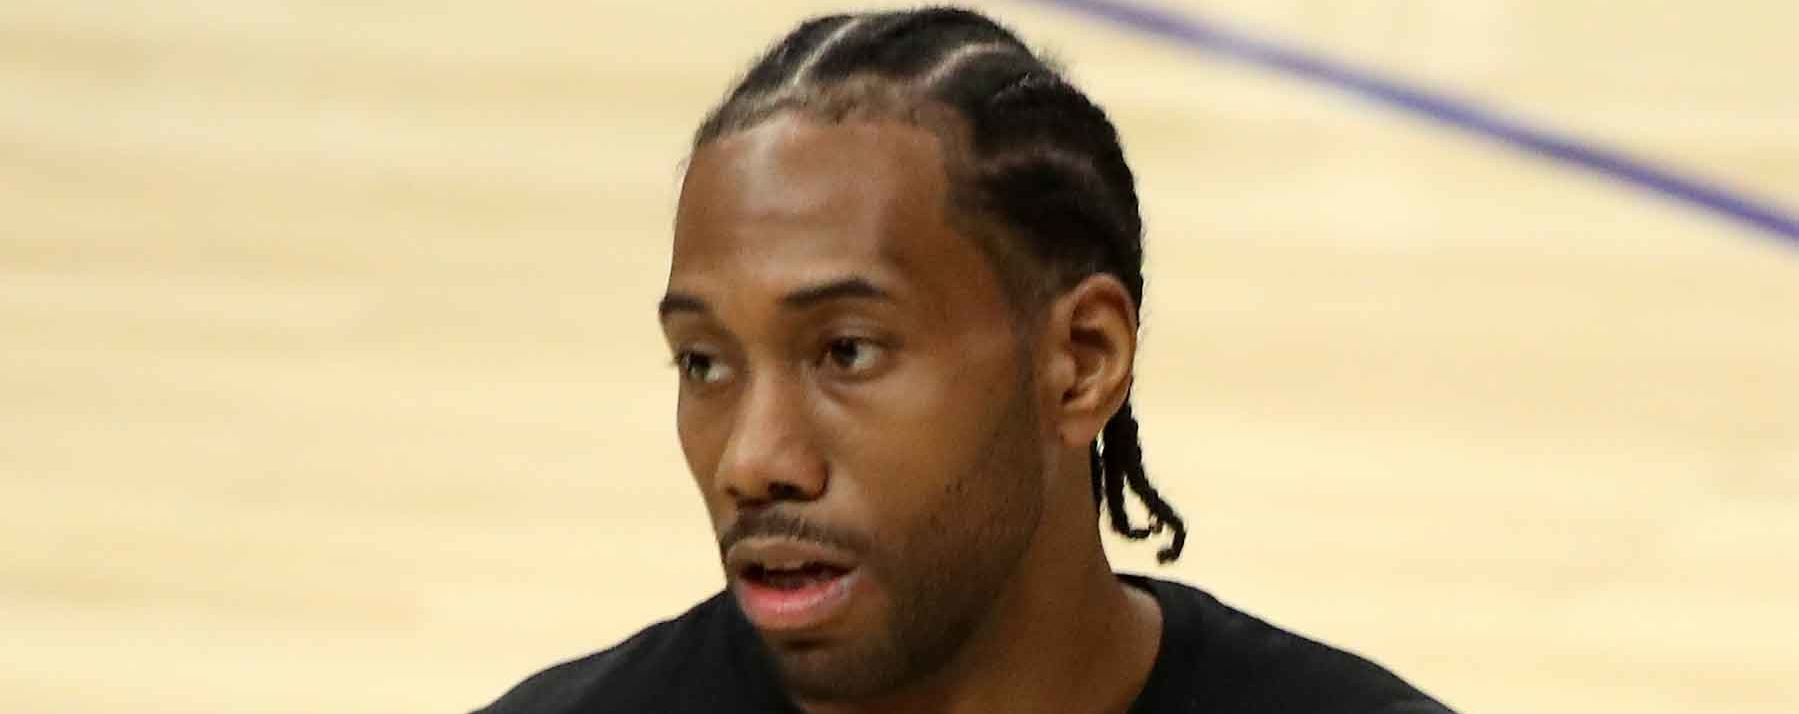 Pronostici NBA: Leonard cerca la settima in fila coi Clips, Wizards decimati, Bucks-Hawks da punteggi alti